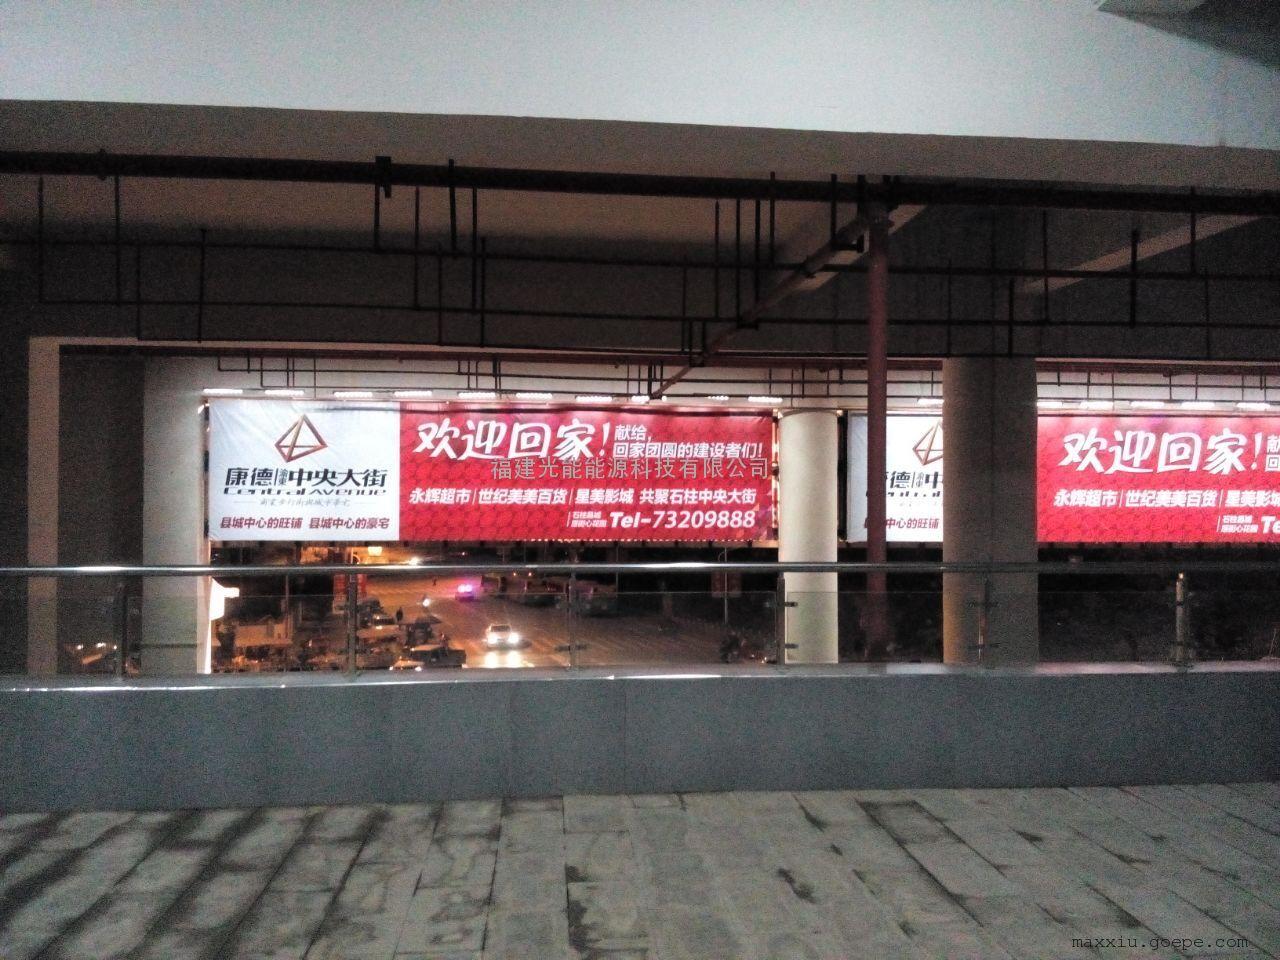 产品展示 led投光灯 > 太阳能led高速路广告牌照明系统   起批量 价格图片